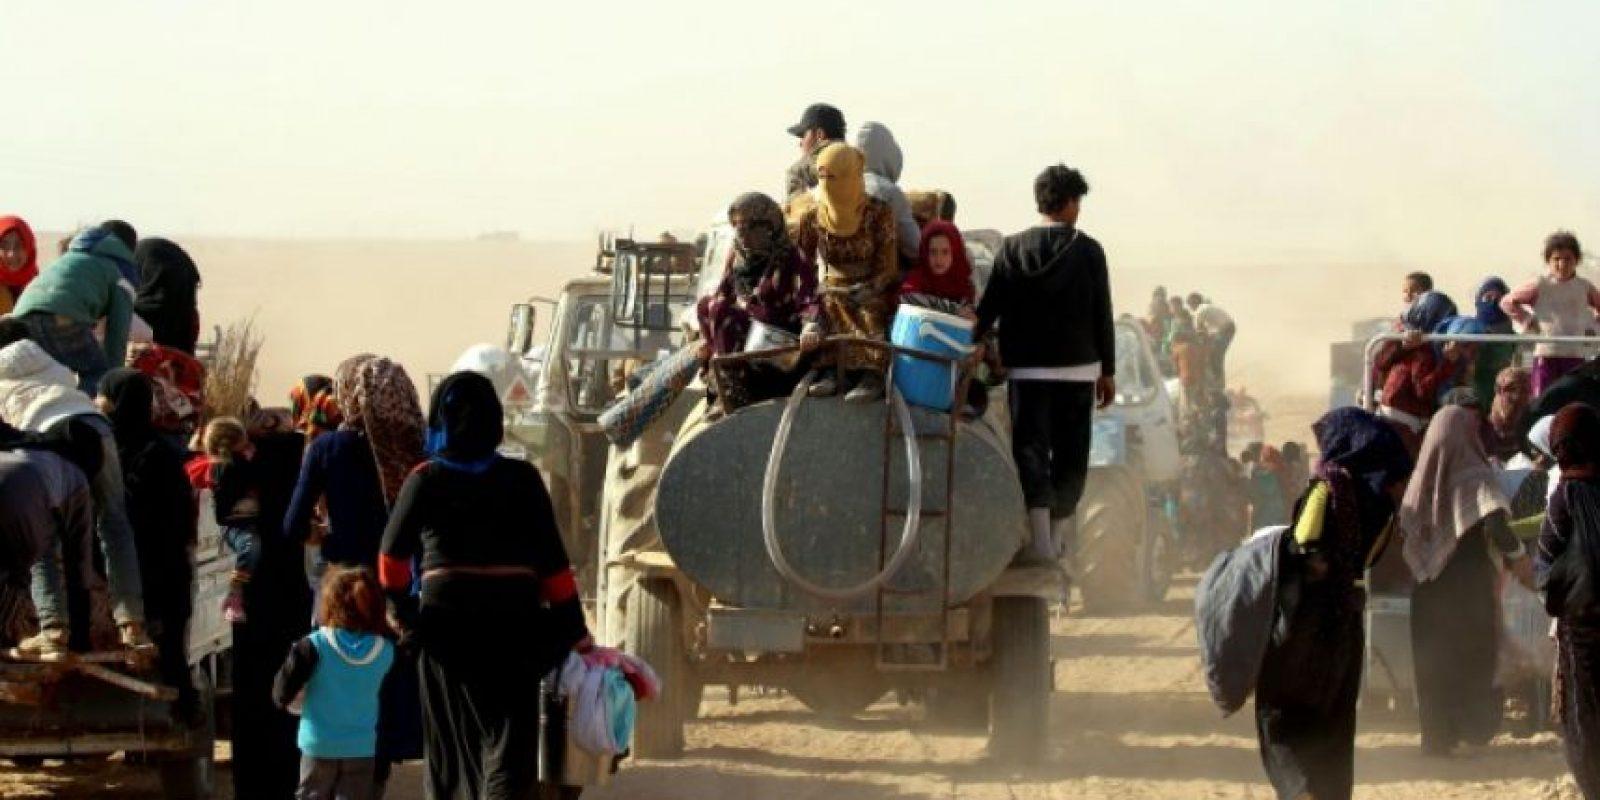 Mujeres y niños sirios viajan desde áreas controladas por los yihadistas del grupo Estado Islámico (EI) hacia áreas más seguras, controladas por las Fuerzas Democráticas Sirias, kurdo-árabes, el 9 de noviembre de 2016 Foto:Delil Souleiman/afp.com